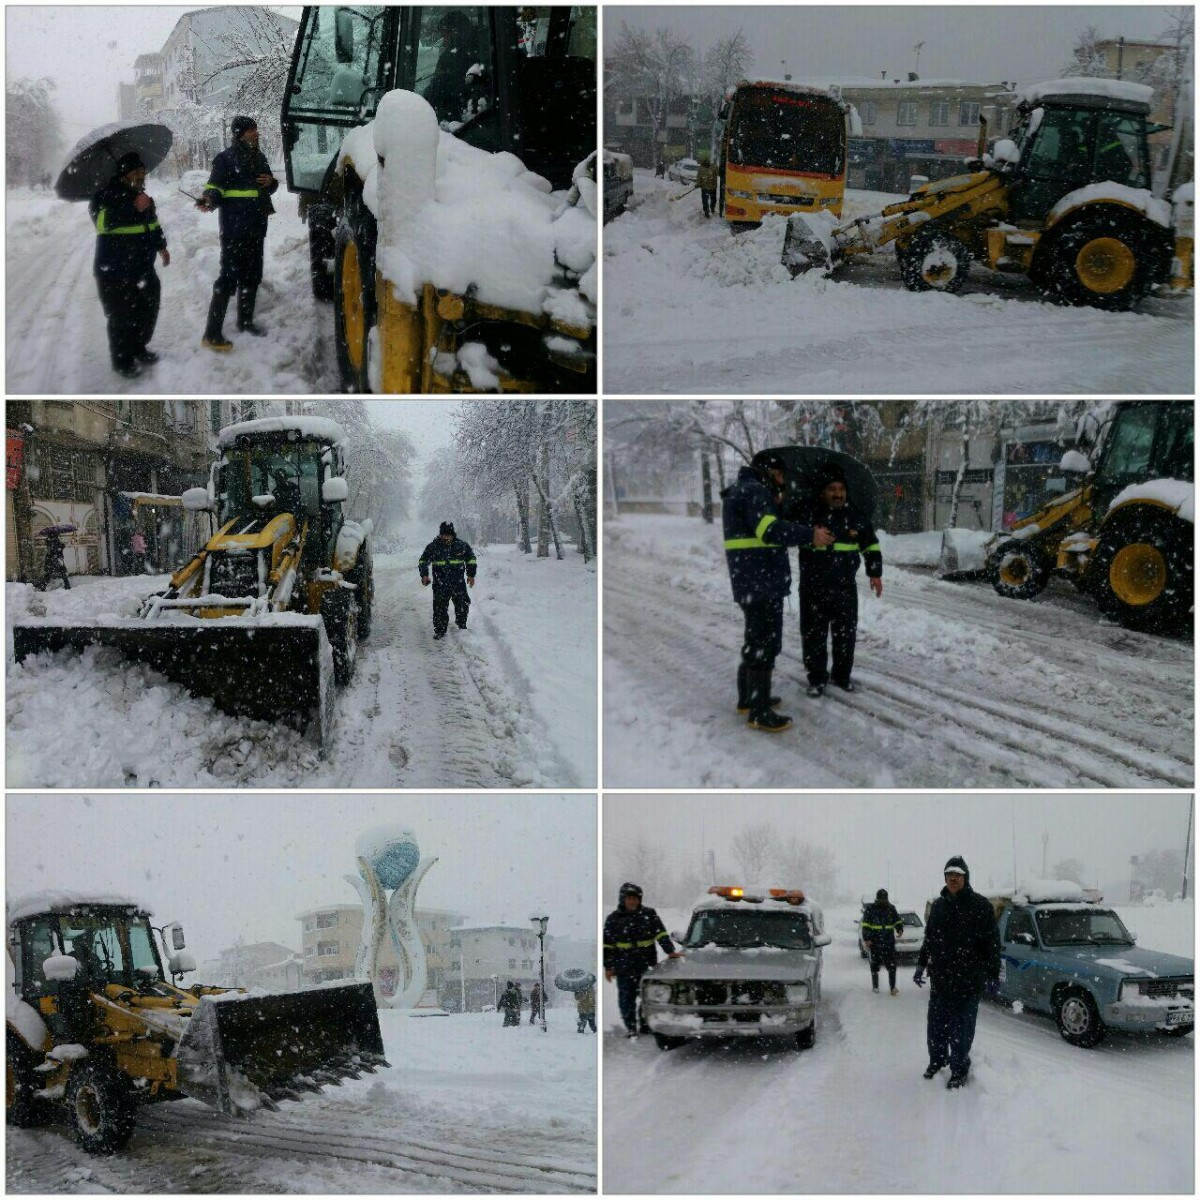 بازگشایی جاده ها و راه های دستری توسط اداره گاز شهرستان لاهیجان + تصاویر